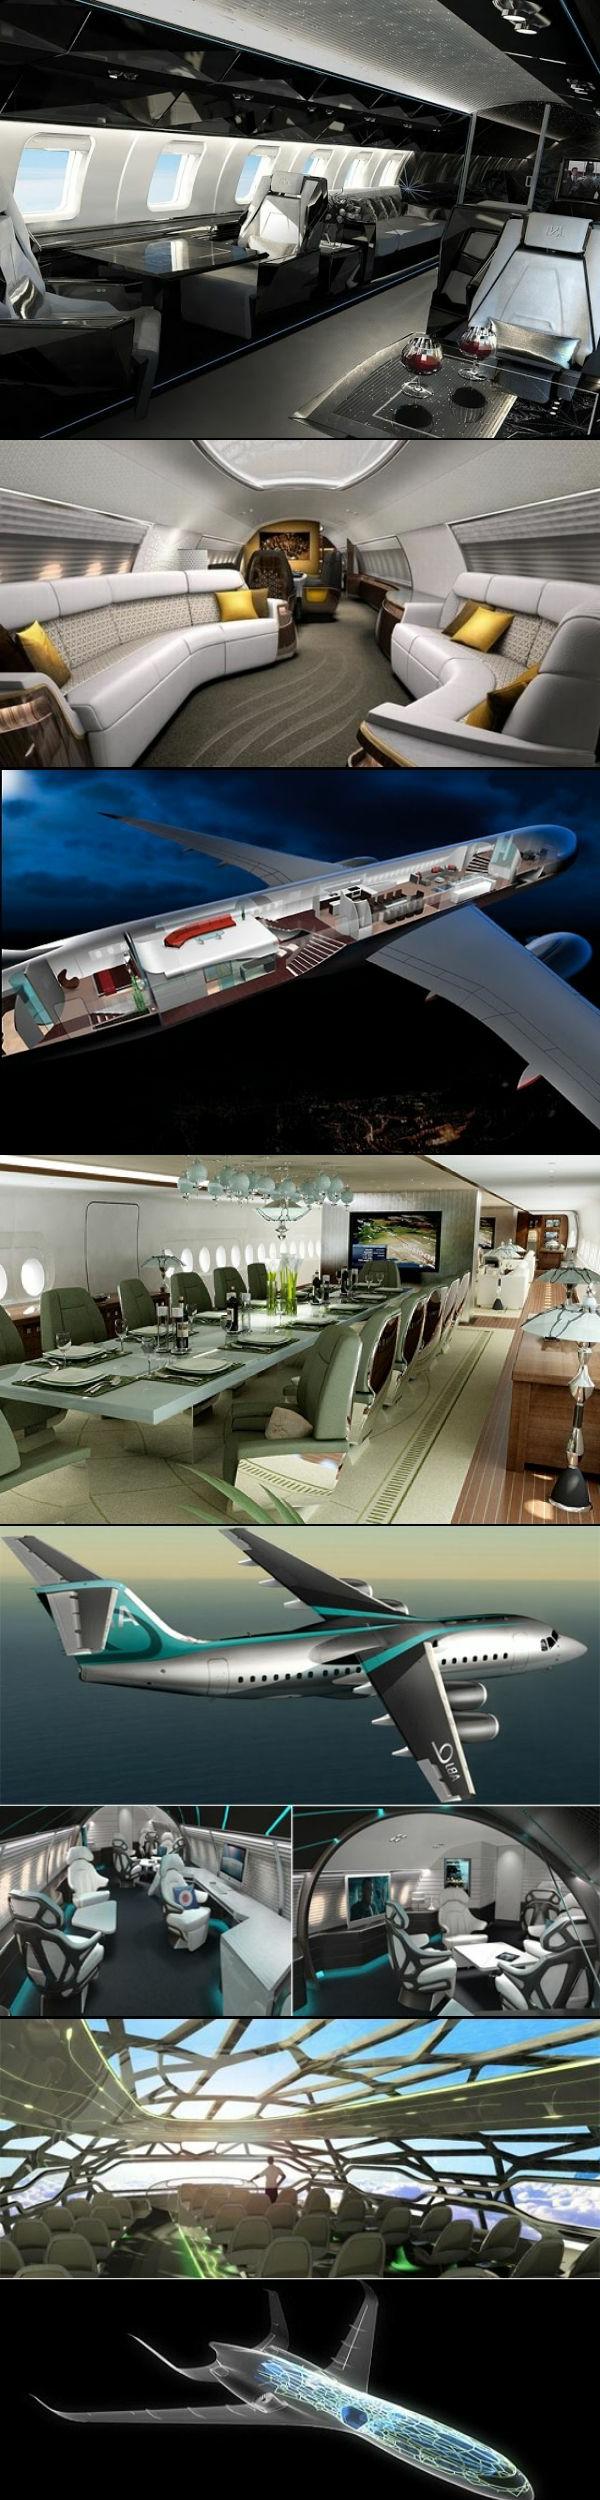 jet-privé-vol-intérieur-luxe-extraordinaire-noir-cuir